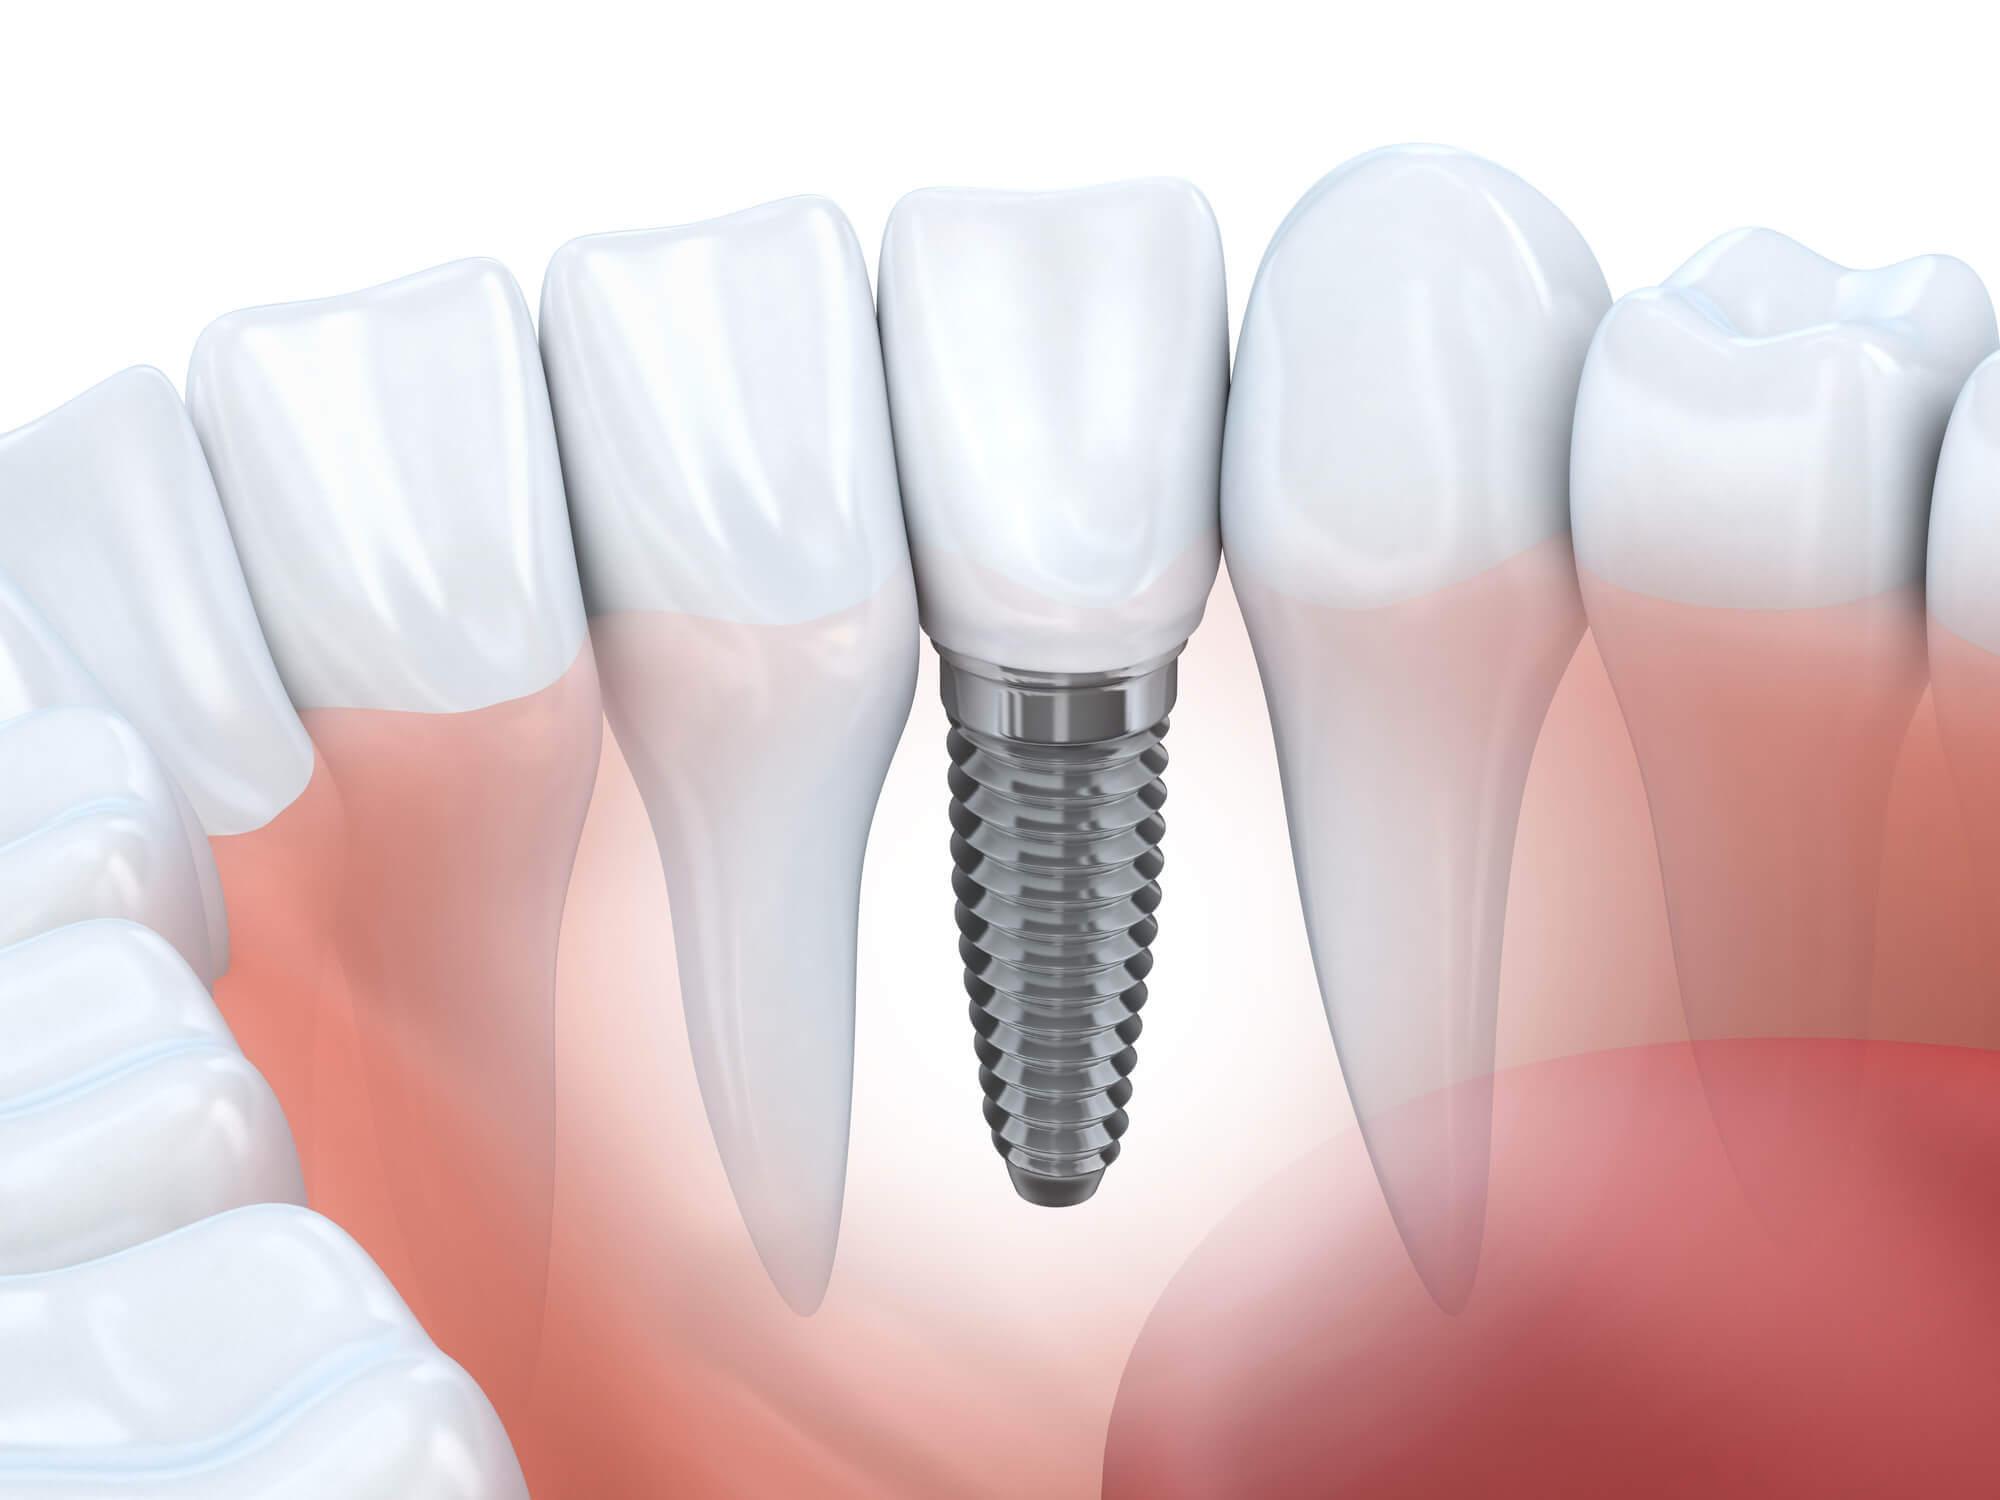 In diesem Artikel beantworten wir die wichtigsten Fragen rund um Implantate und den Kosten